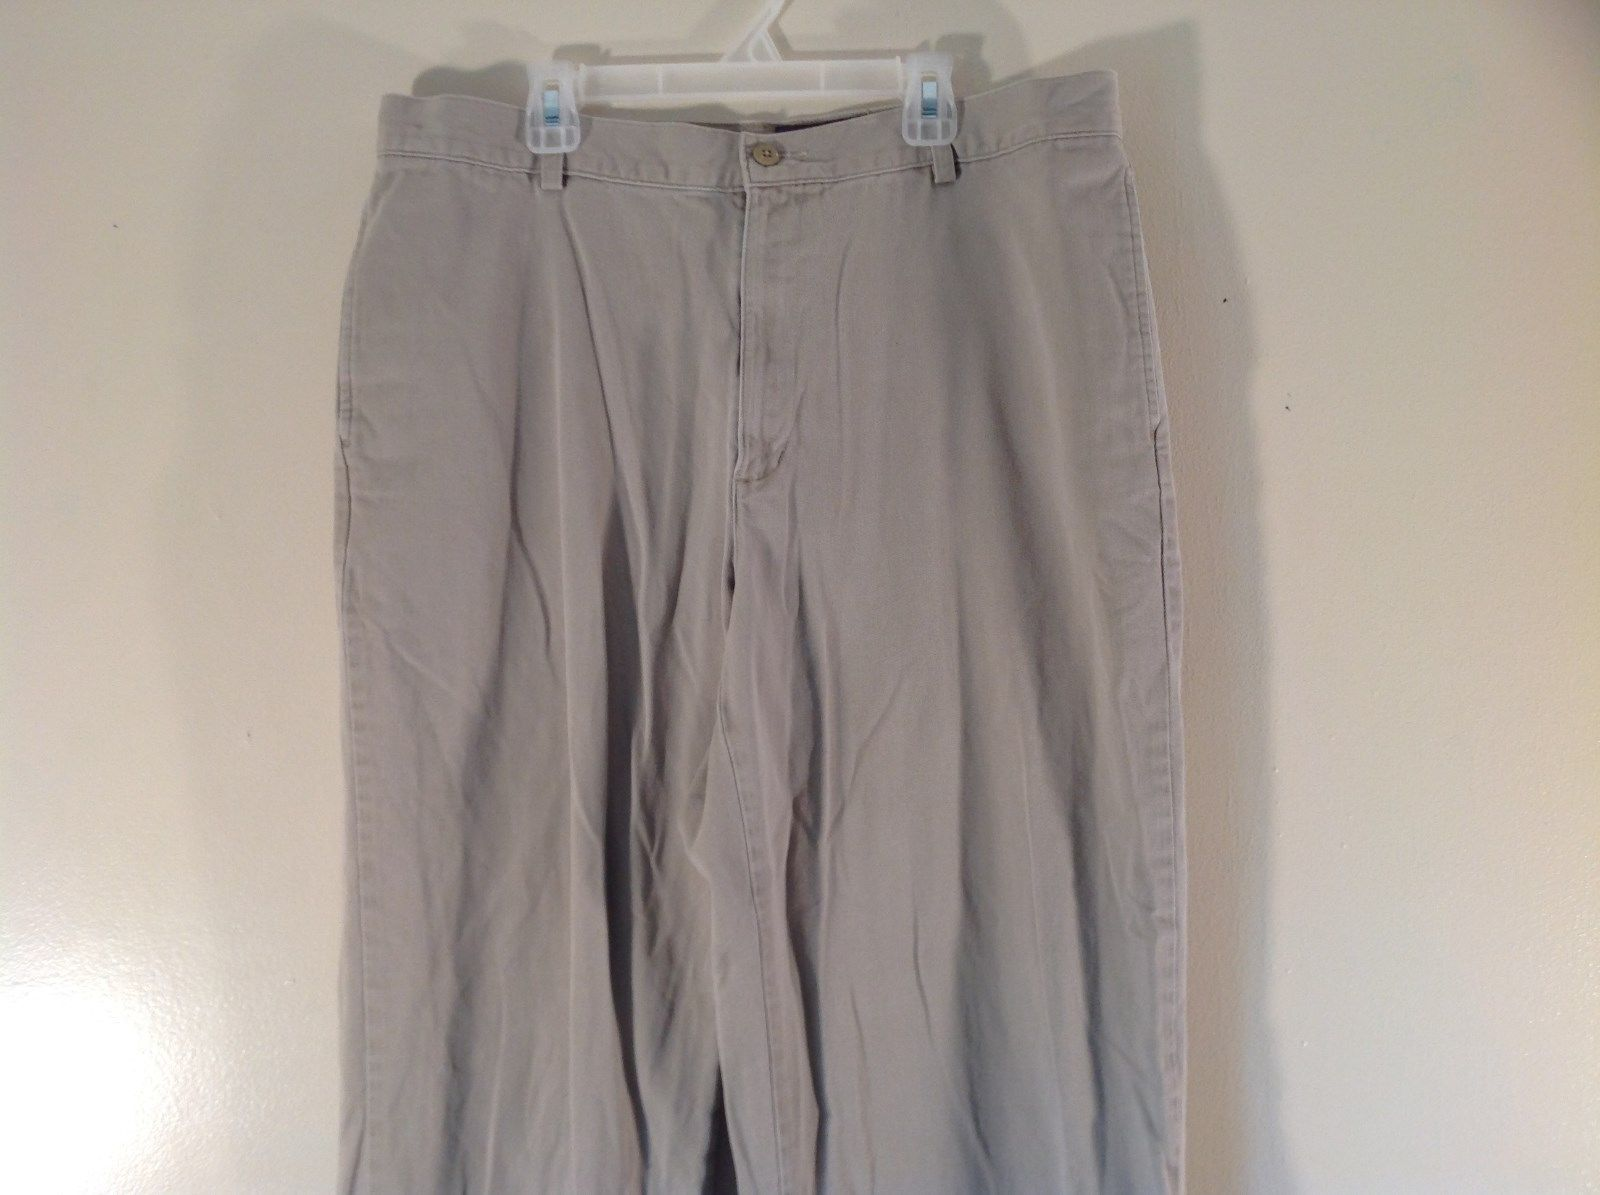 Size 36 Beige 100 Percent Cotton Eddie Bauer Pants Excellent Condition